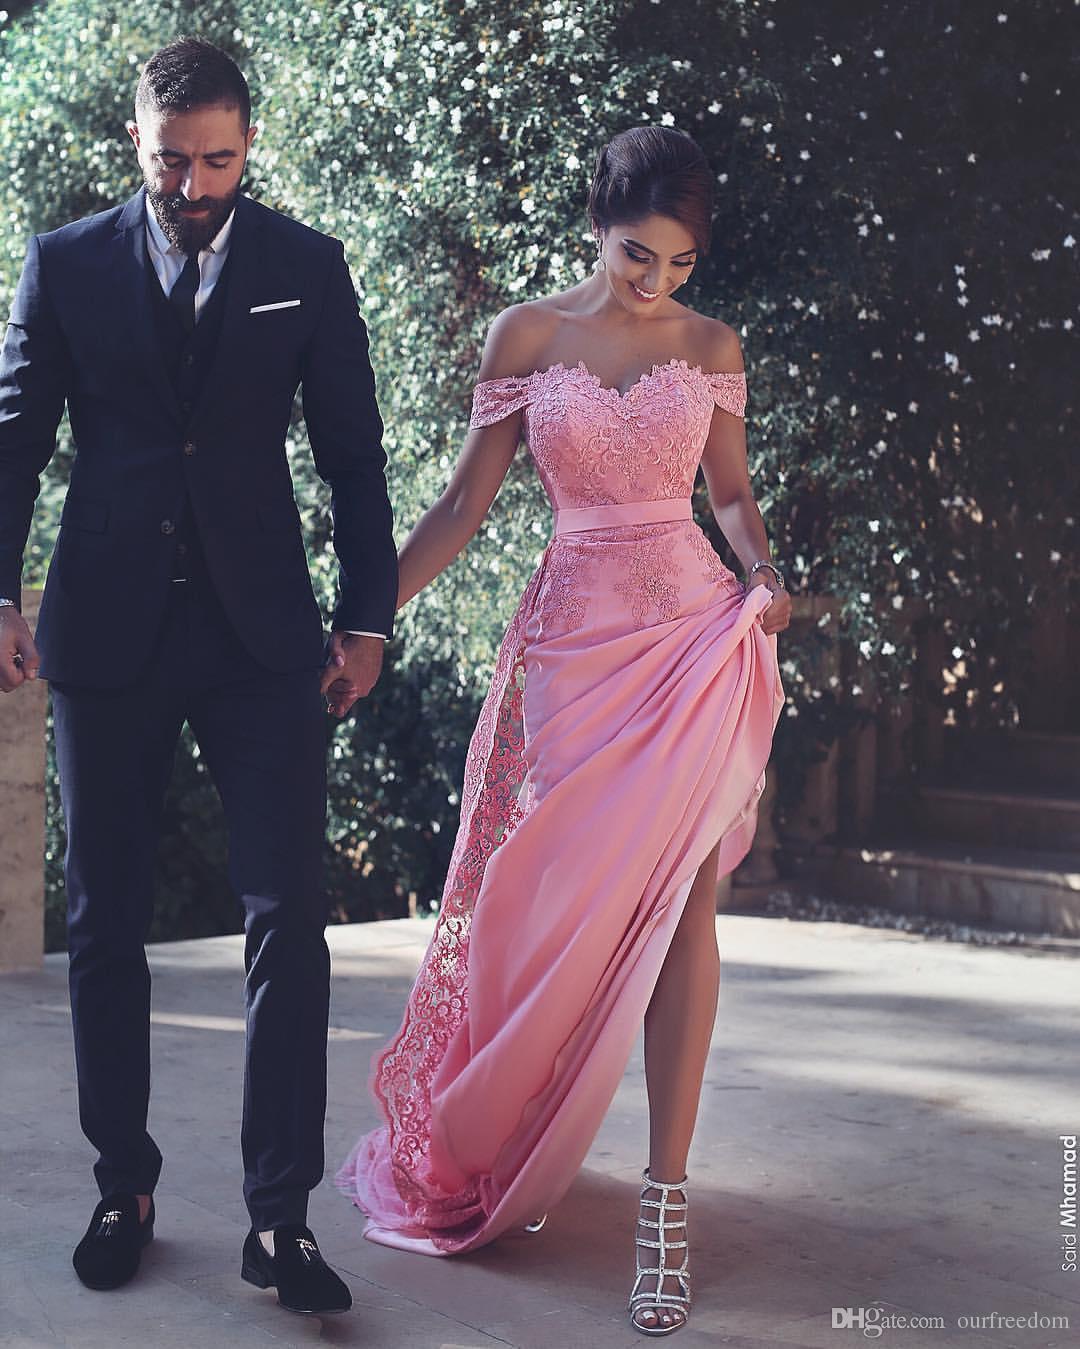 2019 Moda ha detto Abiti da sera Ahamad Abiti da sera Appliques Off Spalla Piano Lunghezza Formale Occasioni Prom Abiti da ballo Abito da celebrità su misura